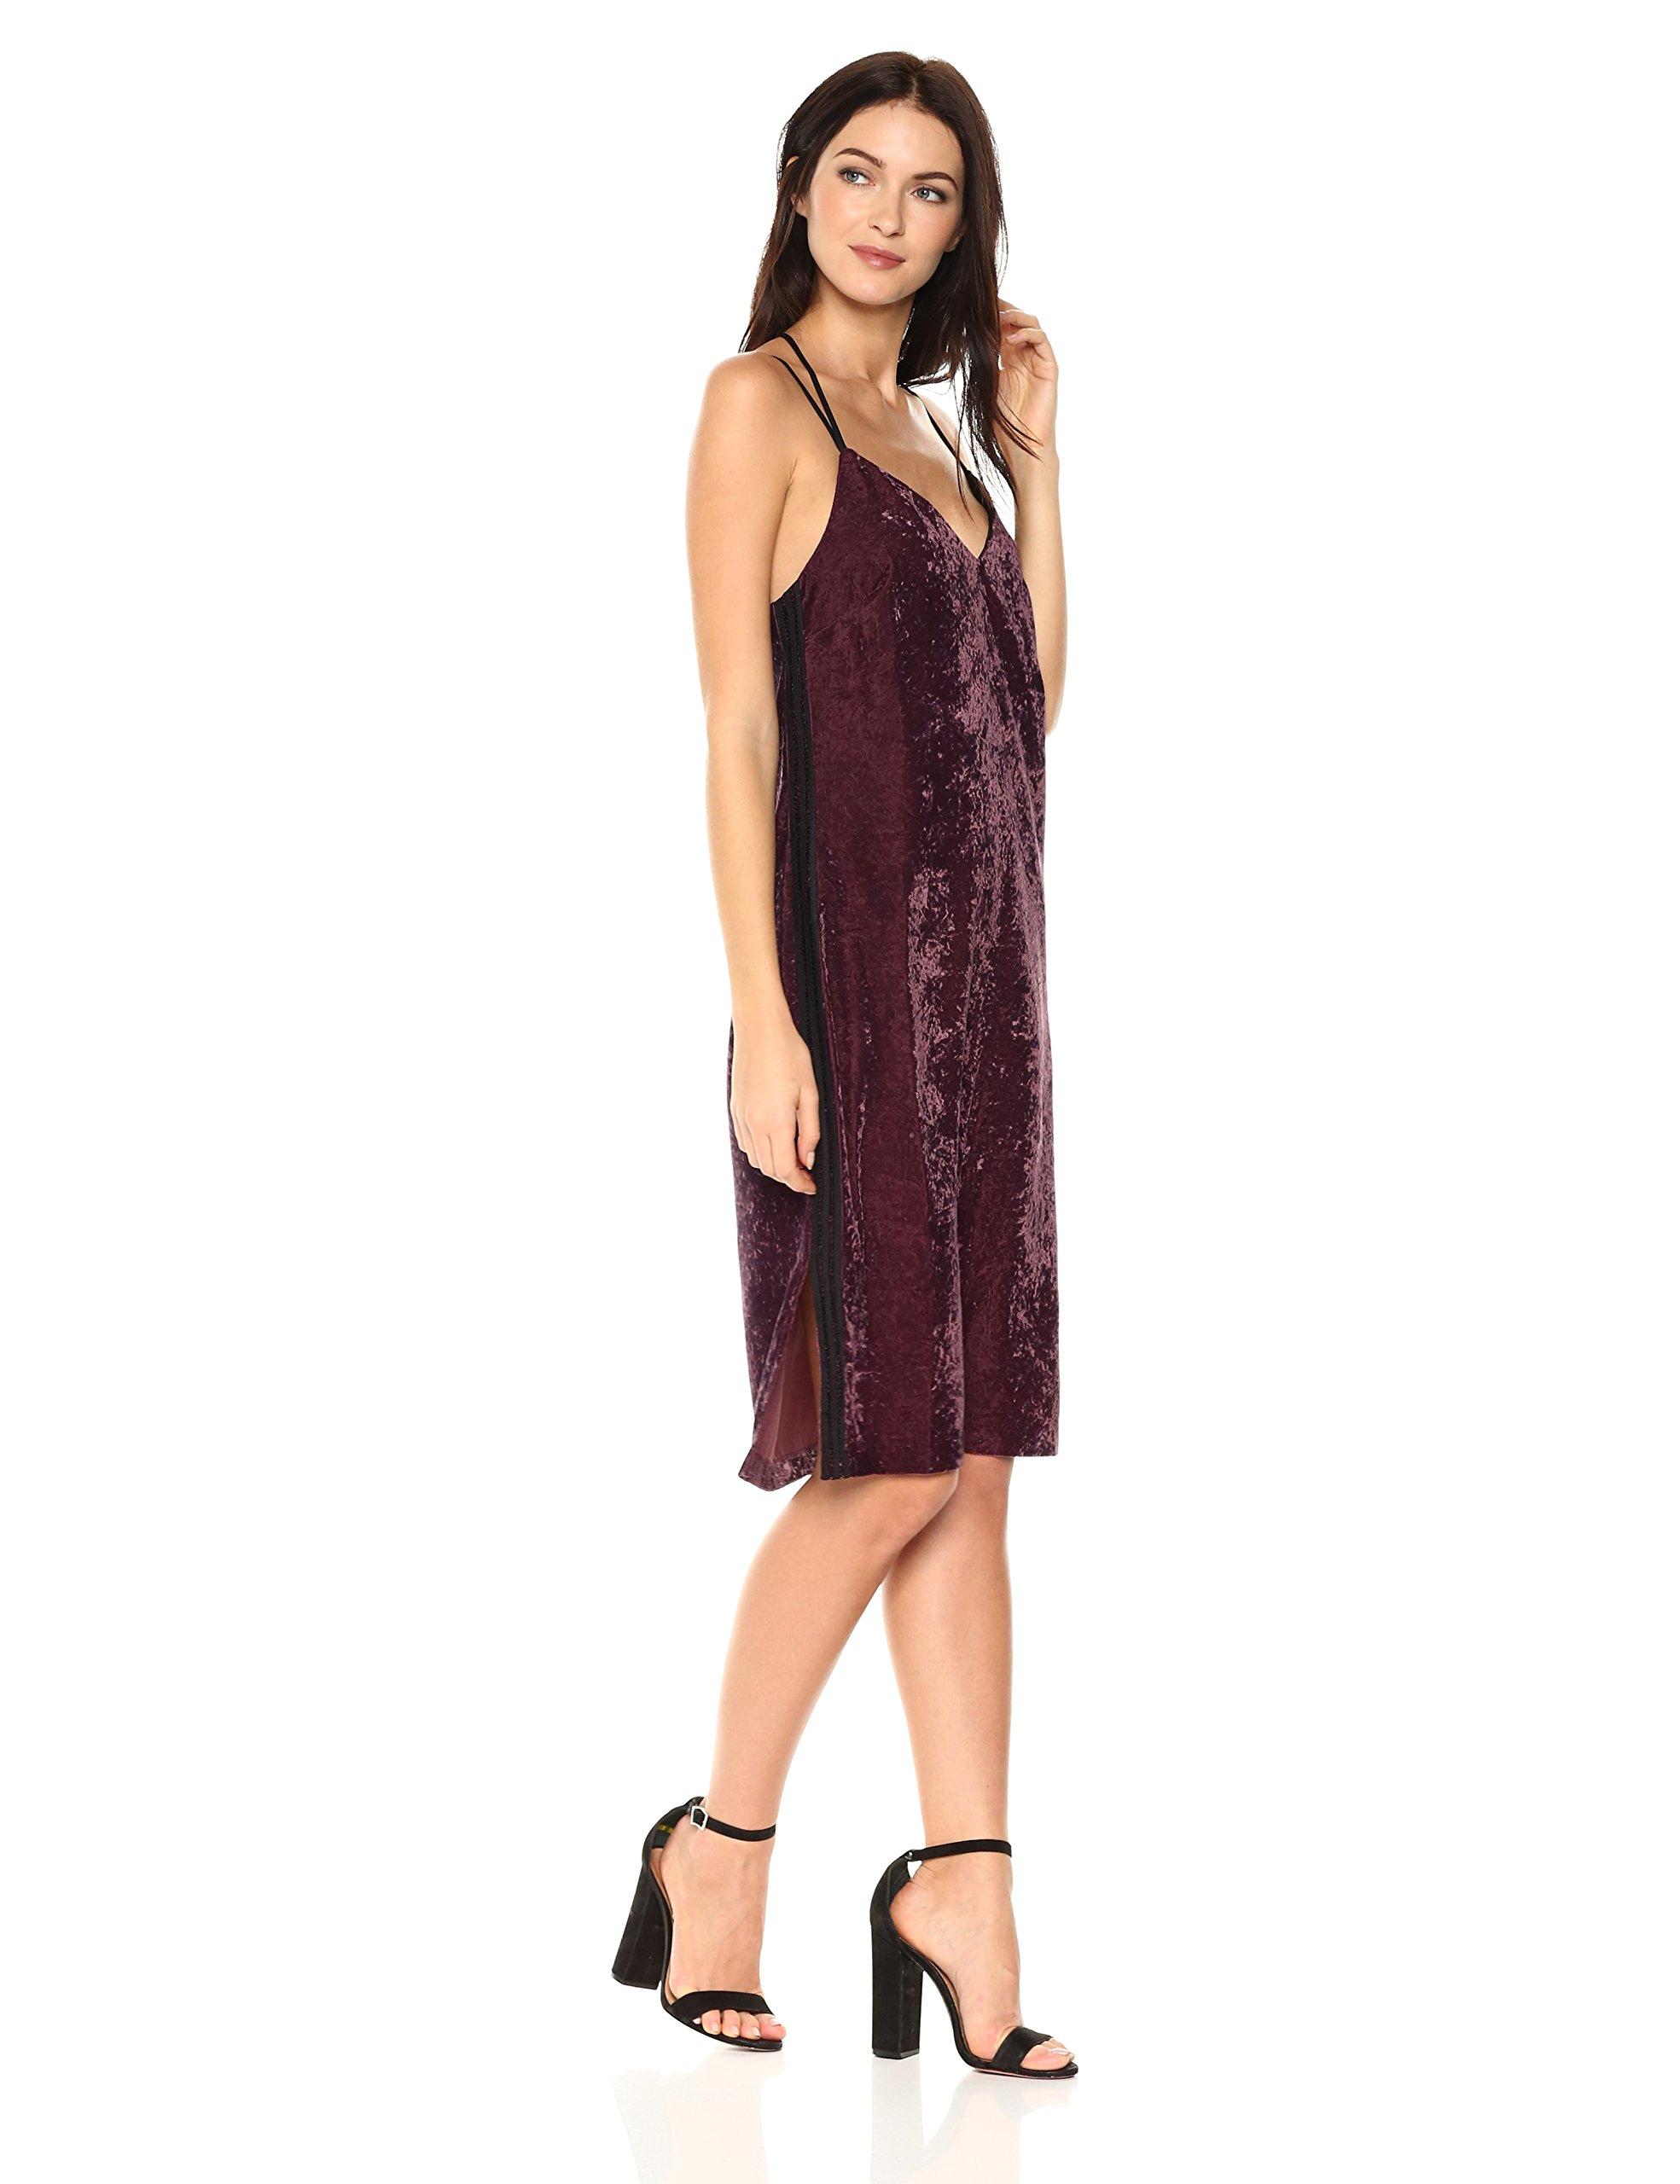 Splendid Women's Crushed Velvet Cami Dress, Deep Plum, XS by Splendid